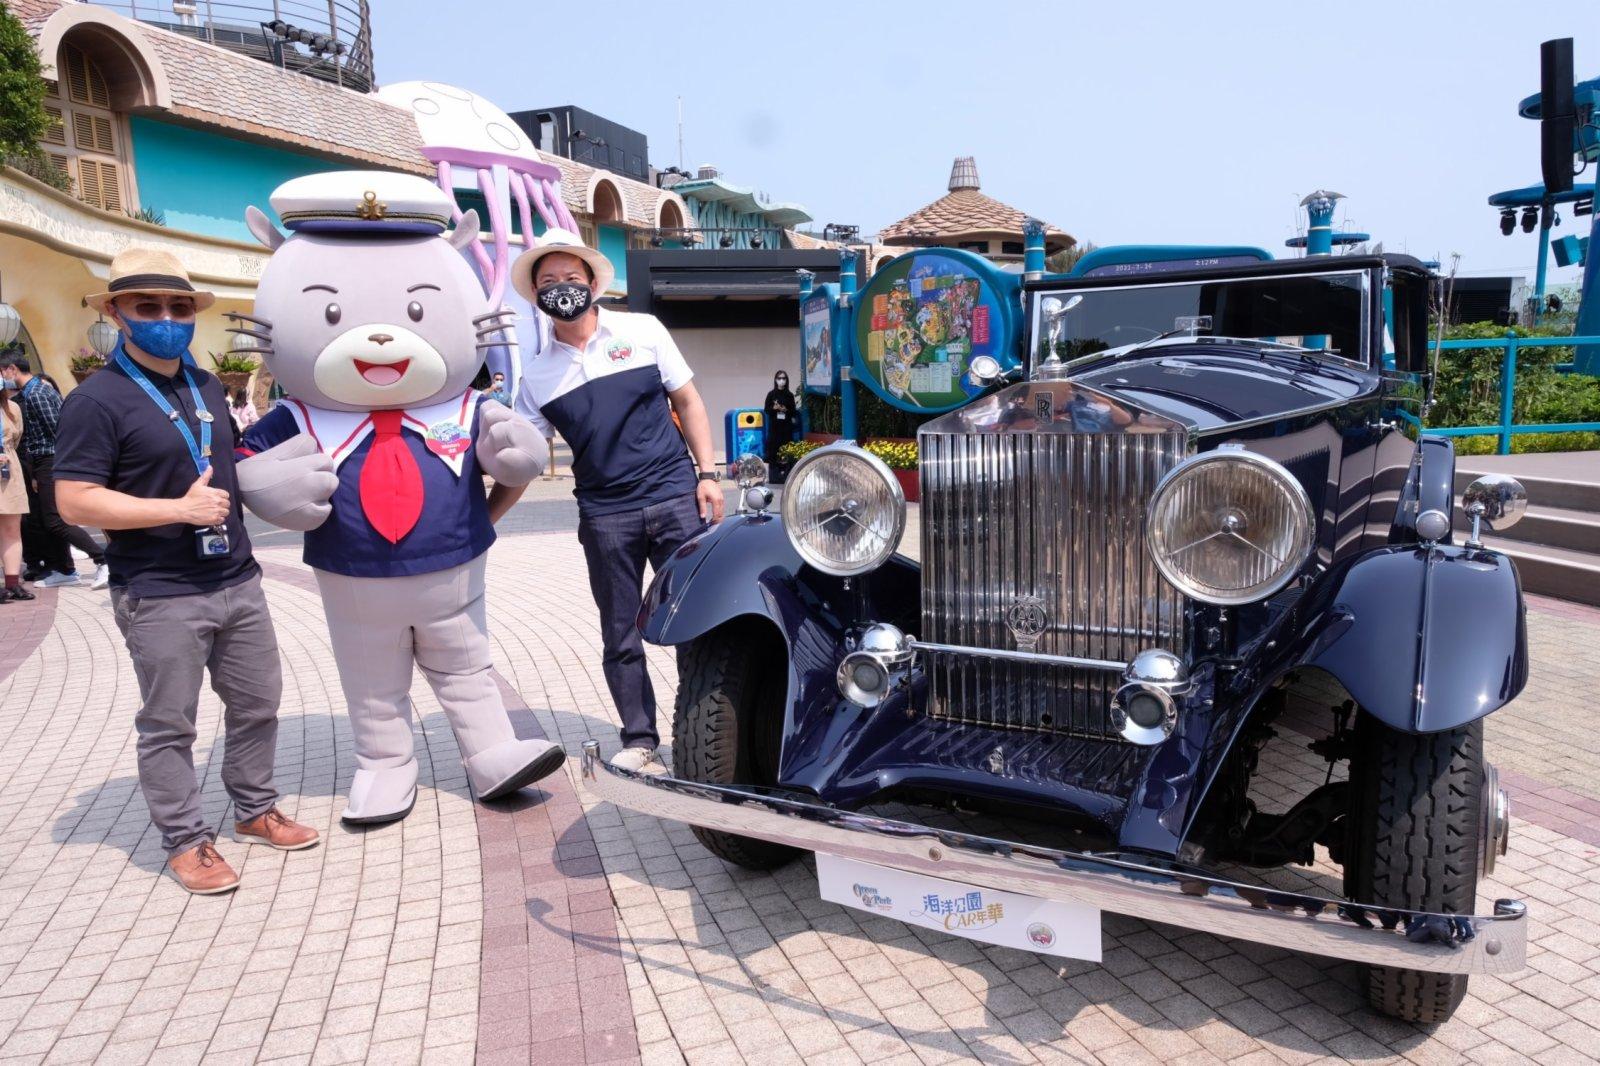 市民可近距離接觸珍貴的古董車,從中了解有趣的歷史。